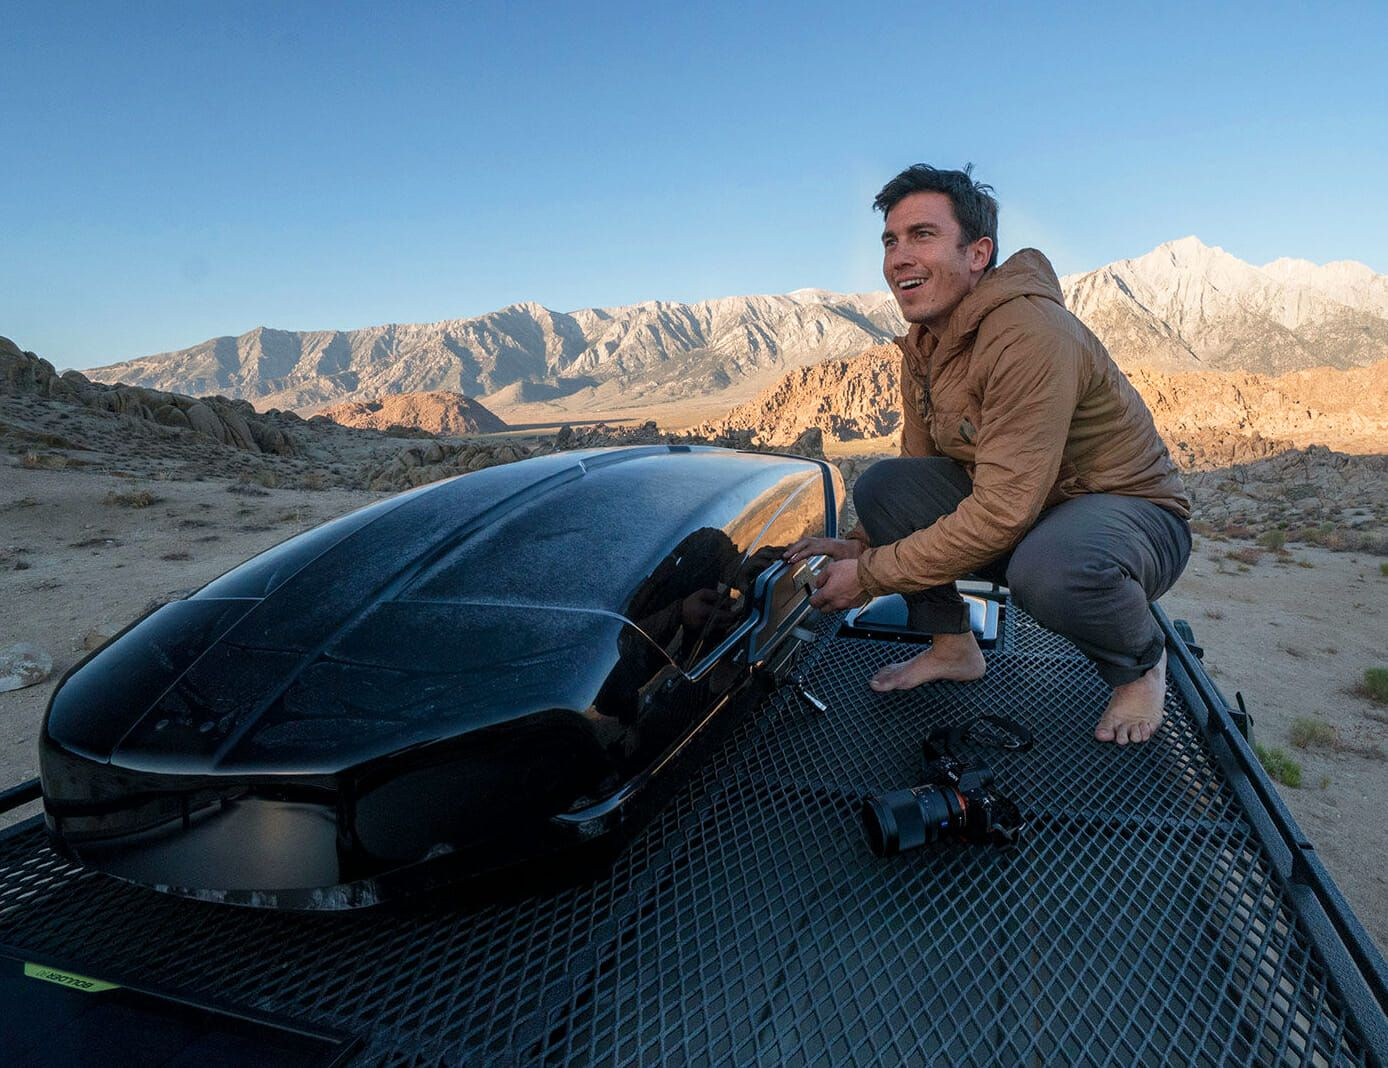 Adventure Photographer Chris Burkard's Gear Essentials